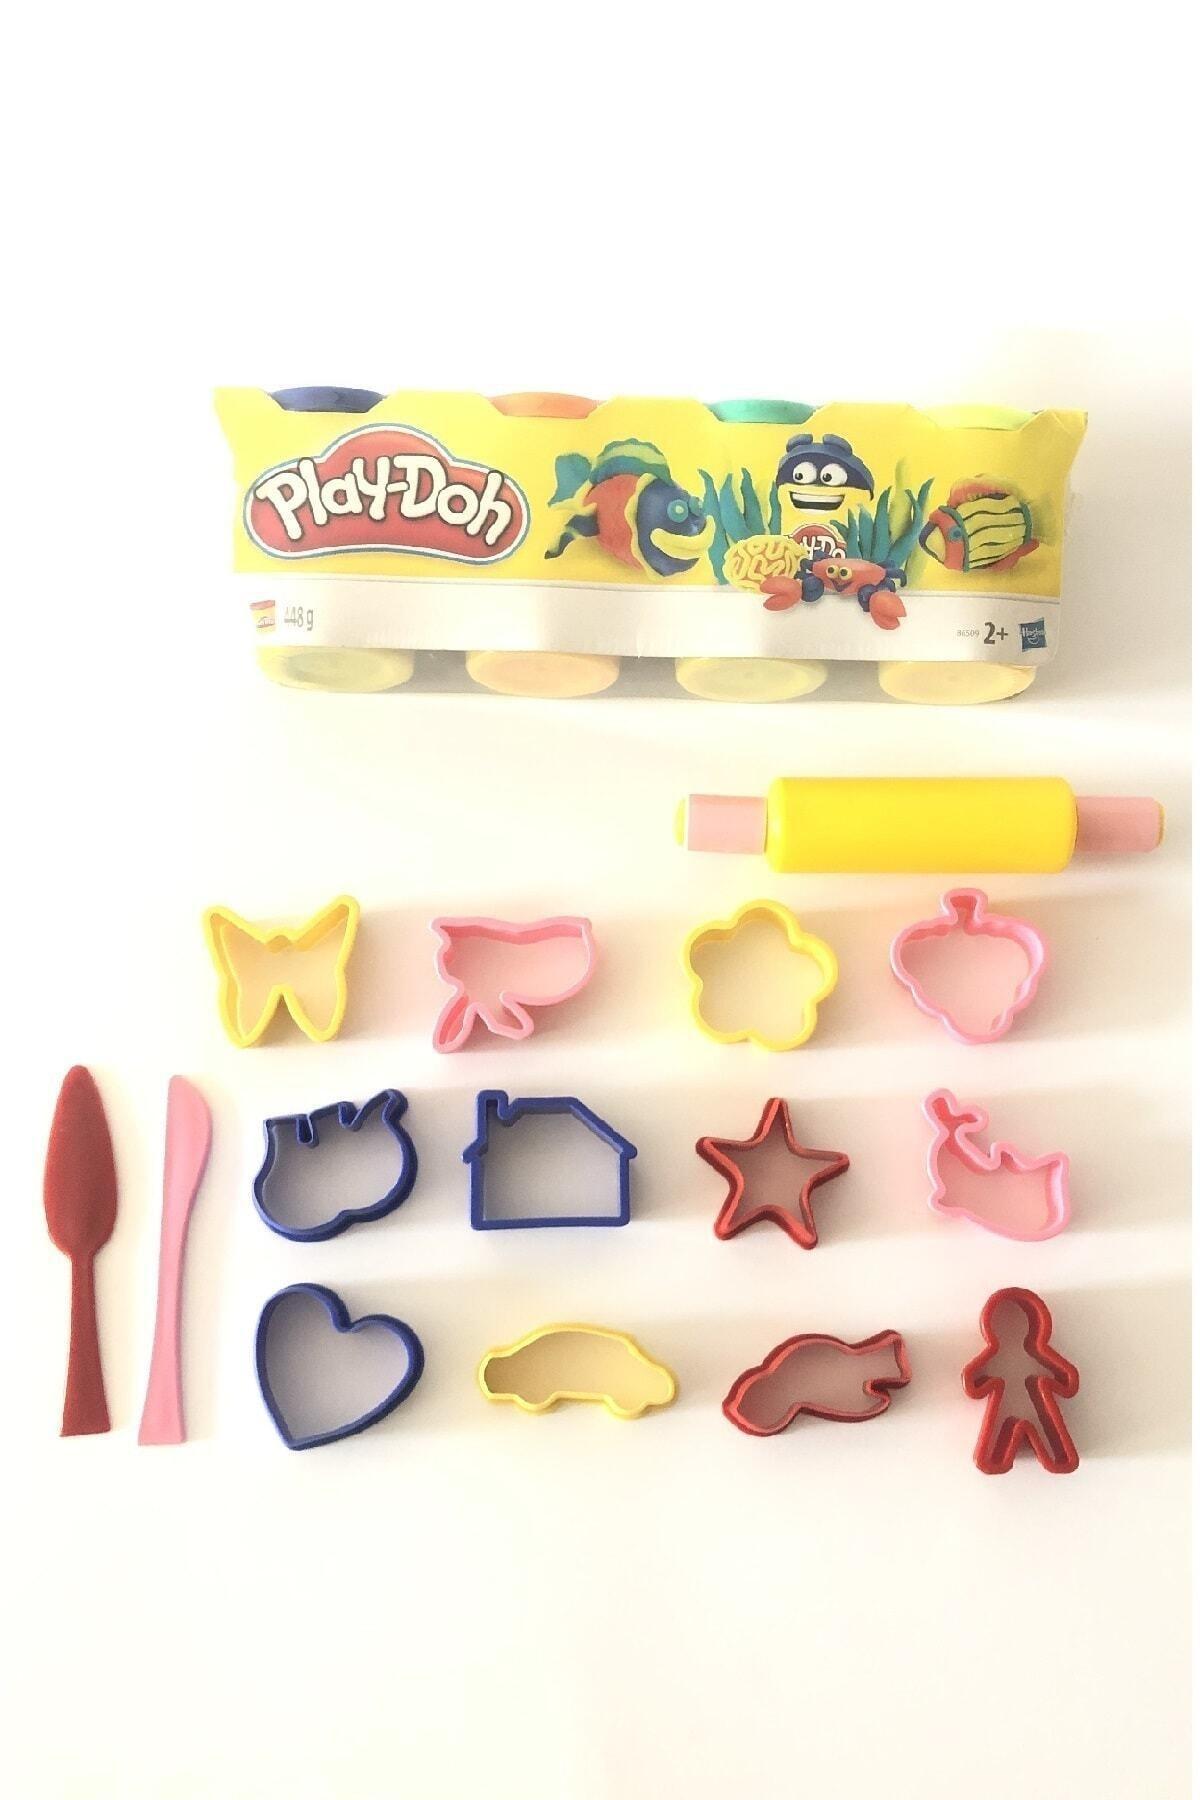 Play Doh Oyun Hamuru 4'lü Set 15 Parça Kalıp Seti Hediyeli 450 g 2